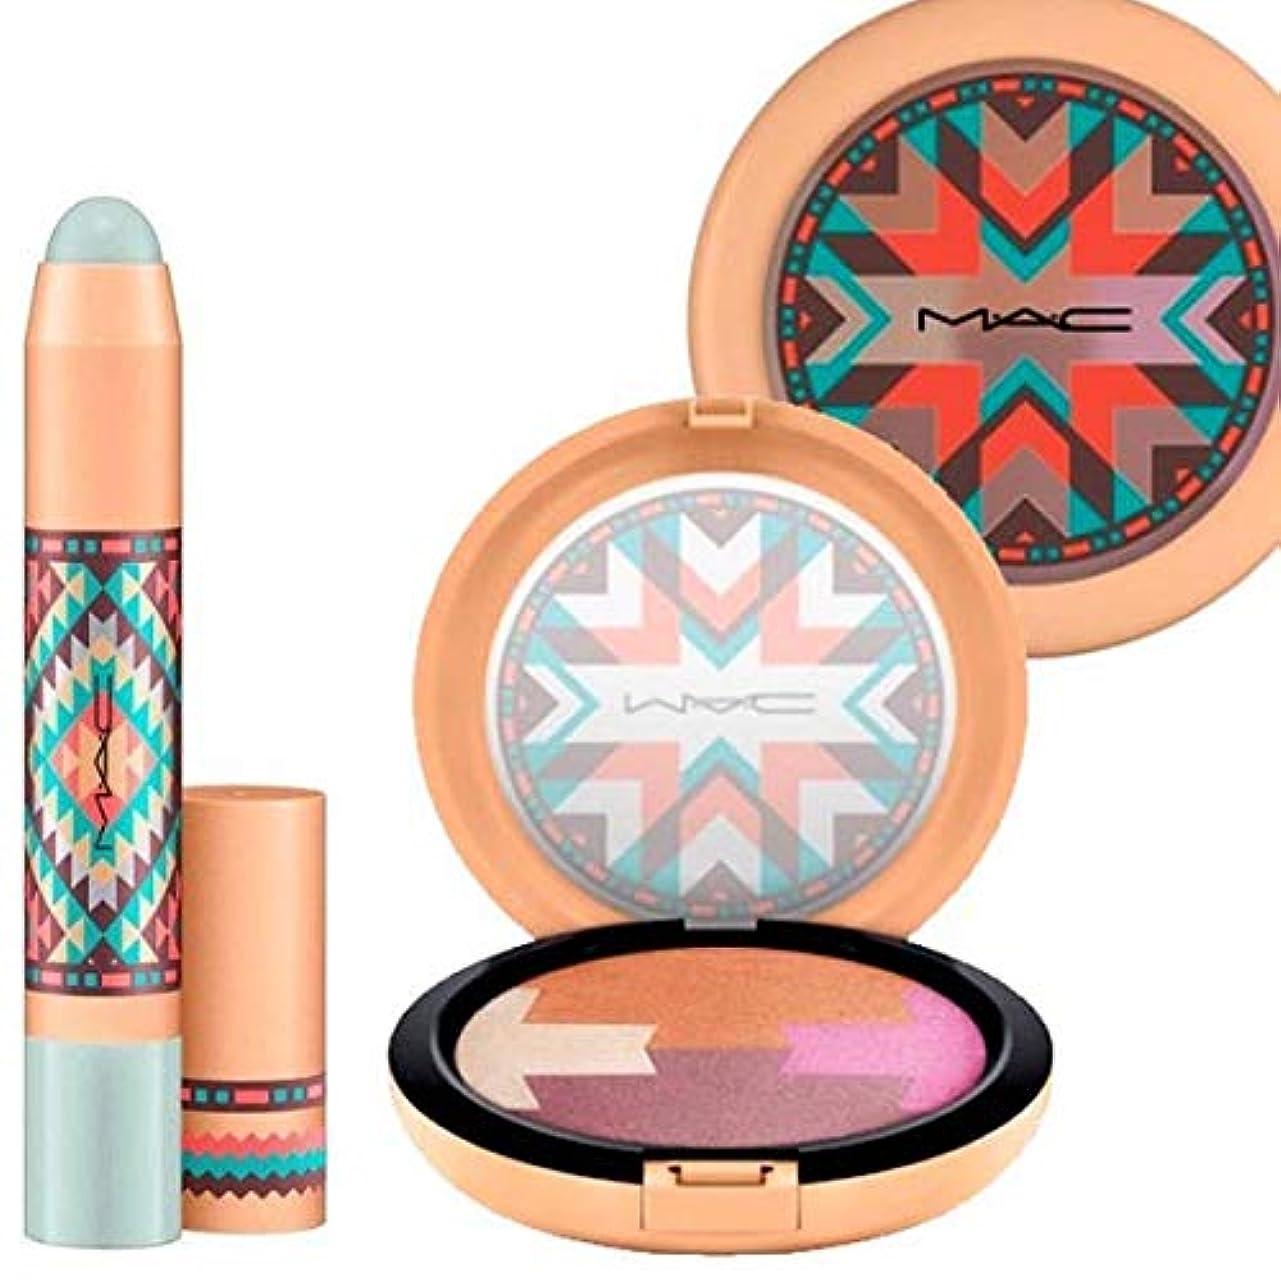 請求書ゴールデン左M.A.C ?マック, 限定版 !!! Vibe Tribe/Gleamtones Powder & Desert Evening Lip Pencil [海外直送品] [並行輸入品]